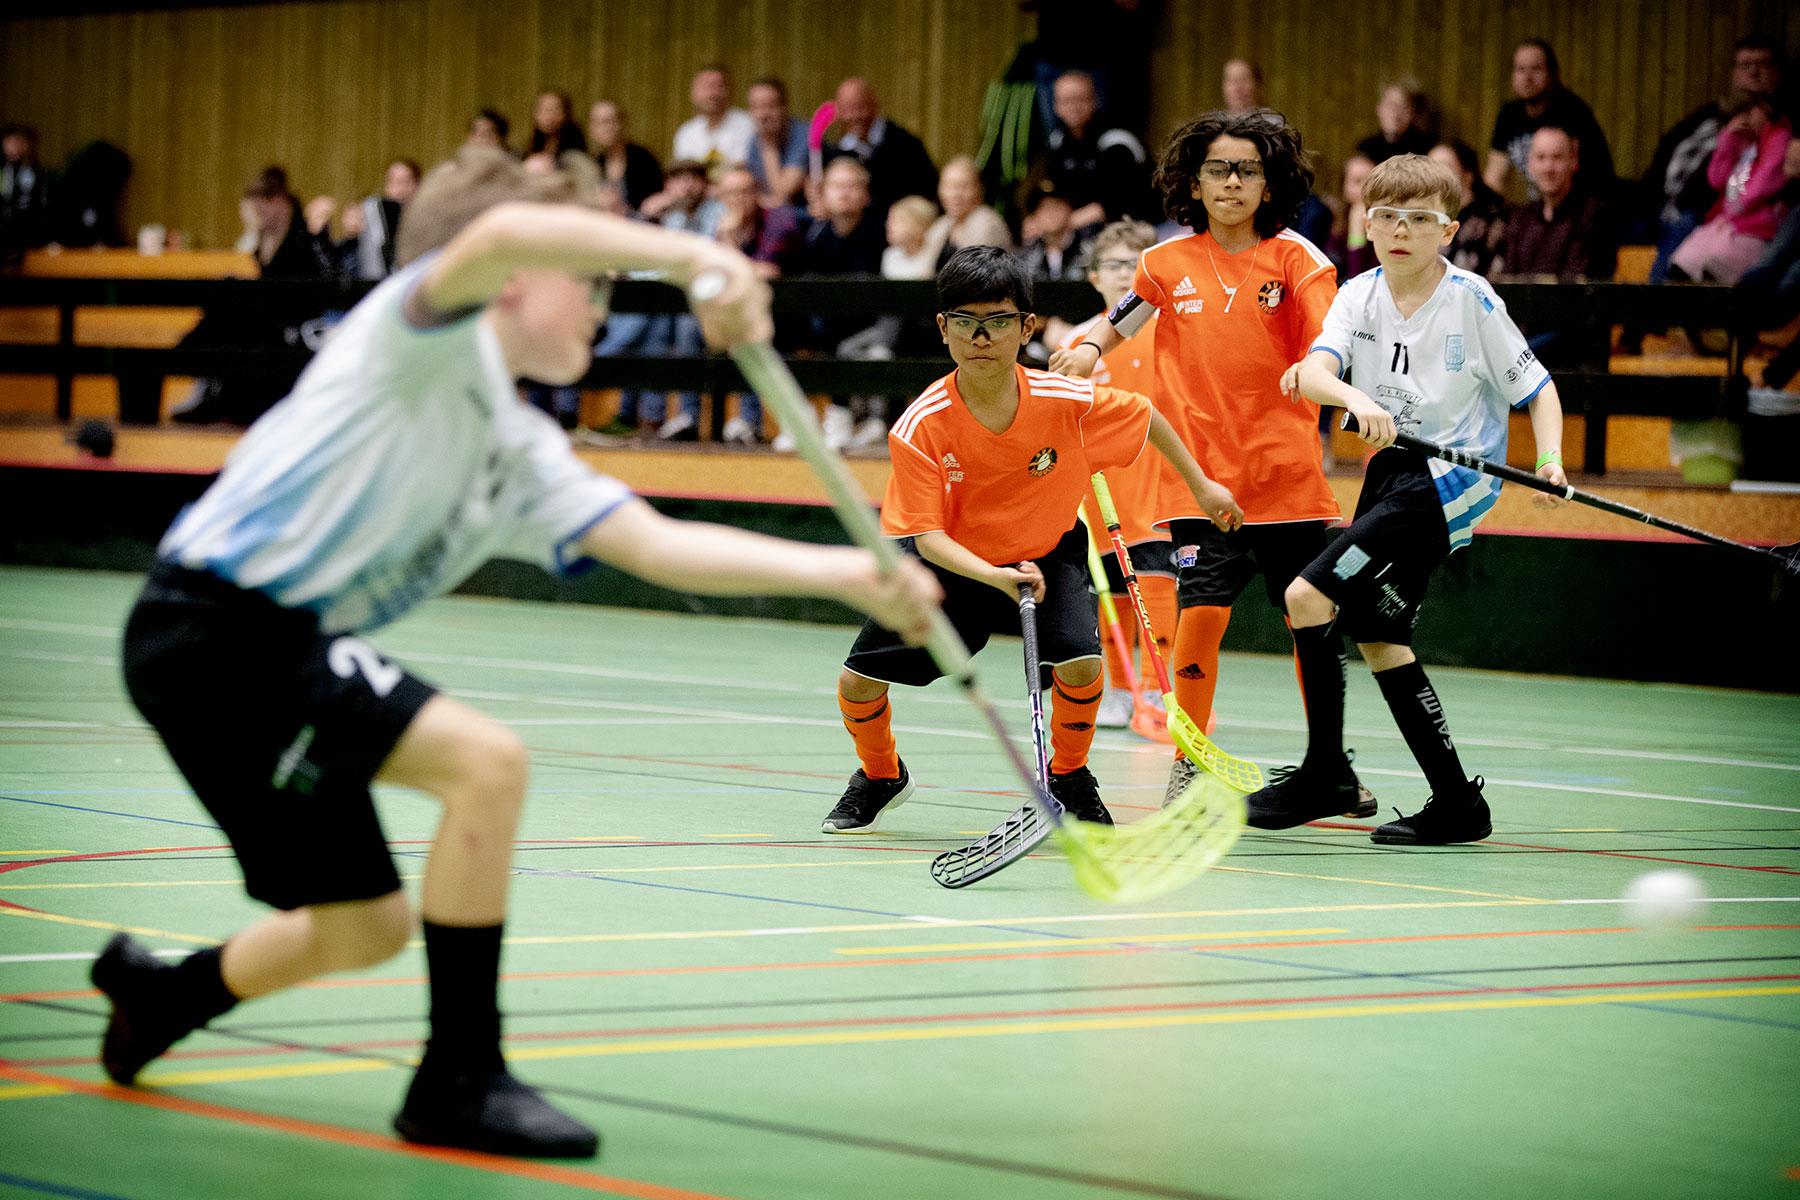 blogg-190407varbergsspelen16.jpg